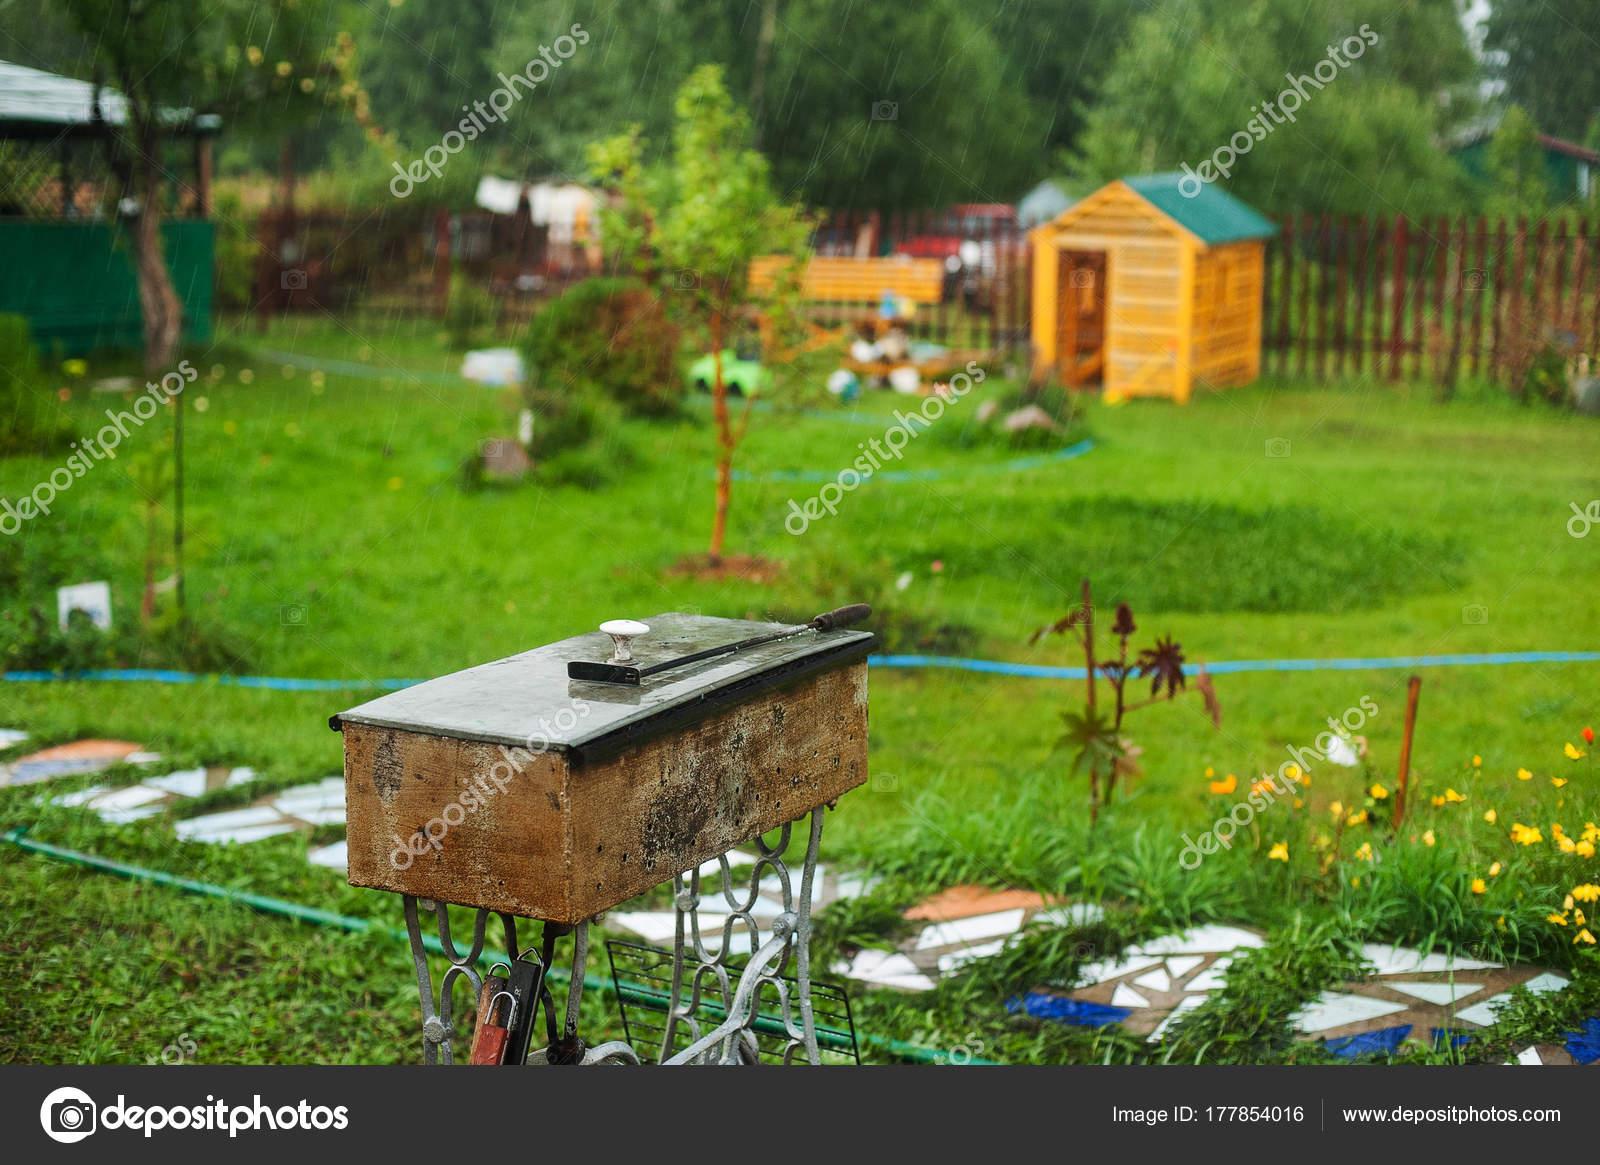 Sommer Bbq Feuerschale. Grill Im Garten Und Sonne Licht Und Bäume Im Garten  U2014 Stockfoto